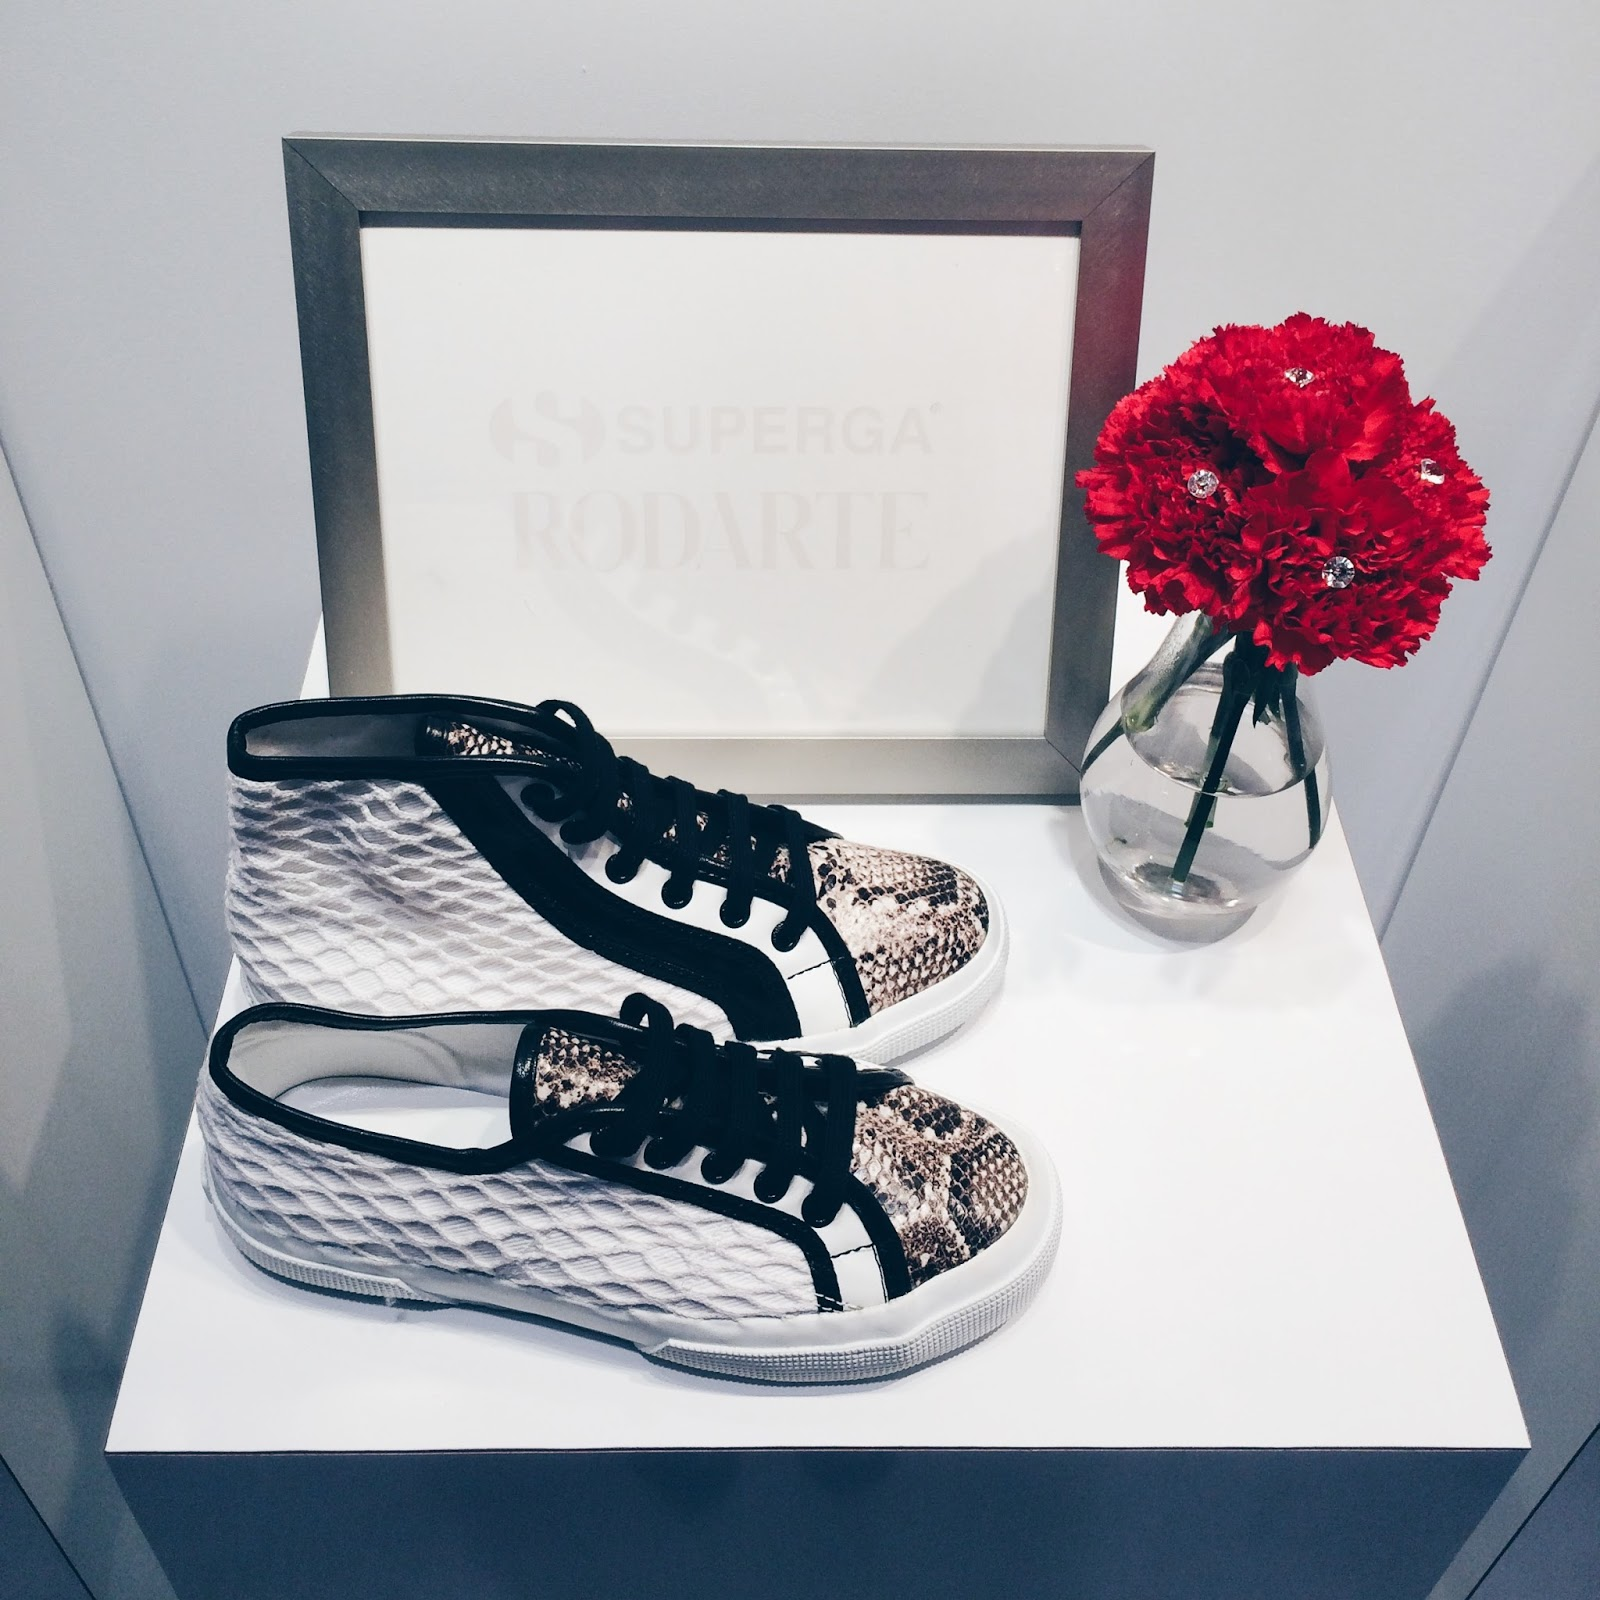 rodarte-superga-ss15-shoes.jpg